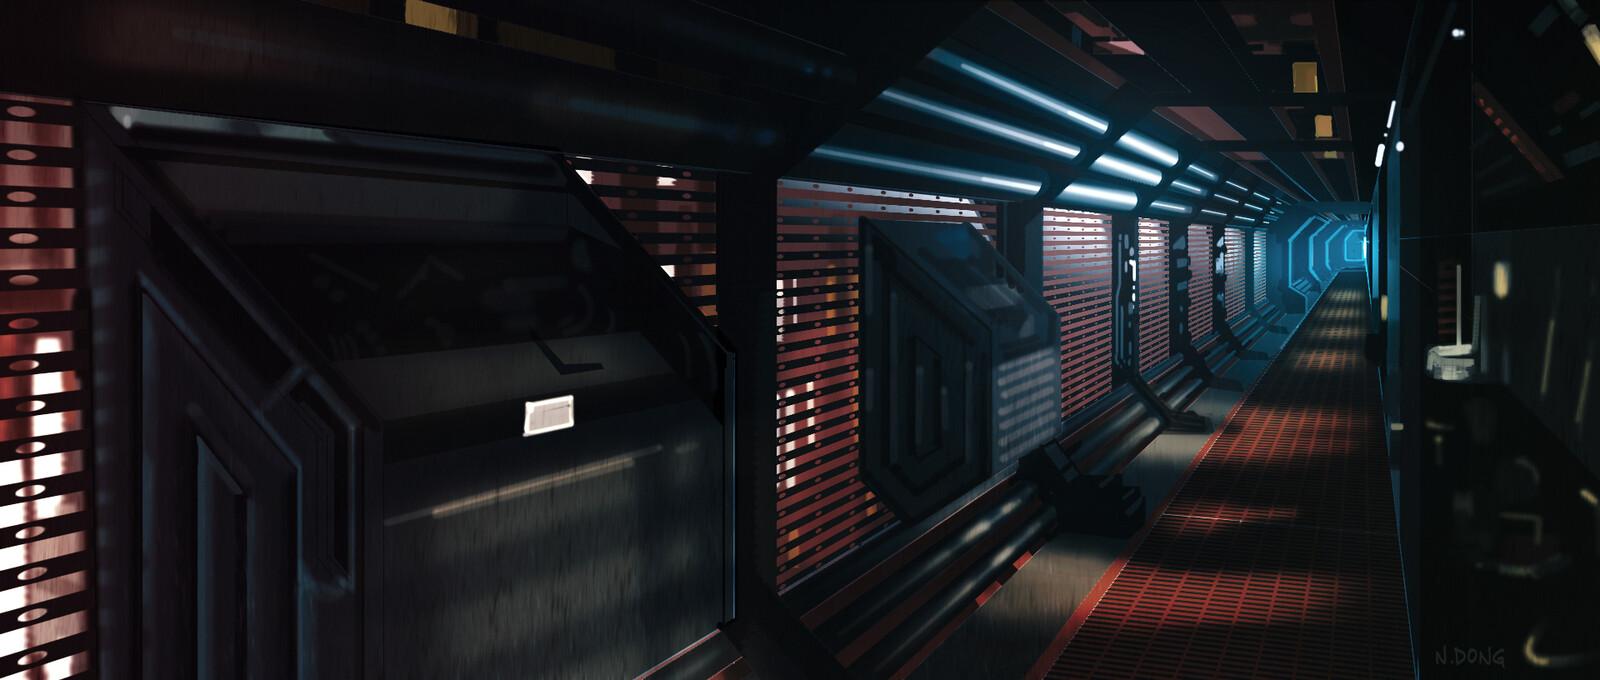 Alien corridor study